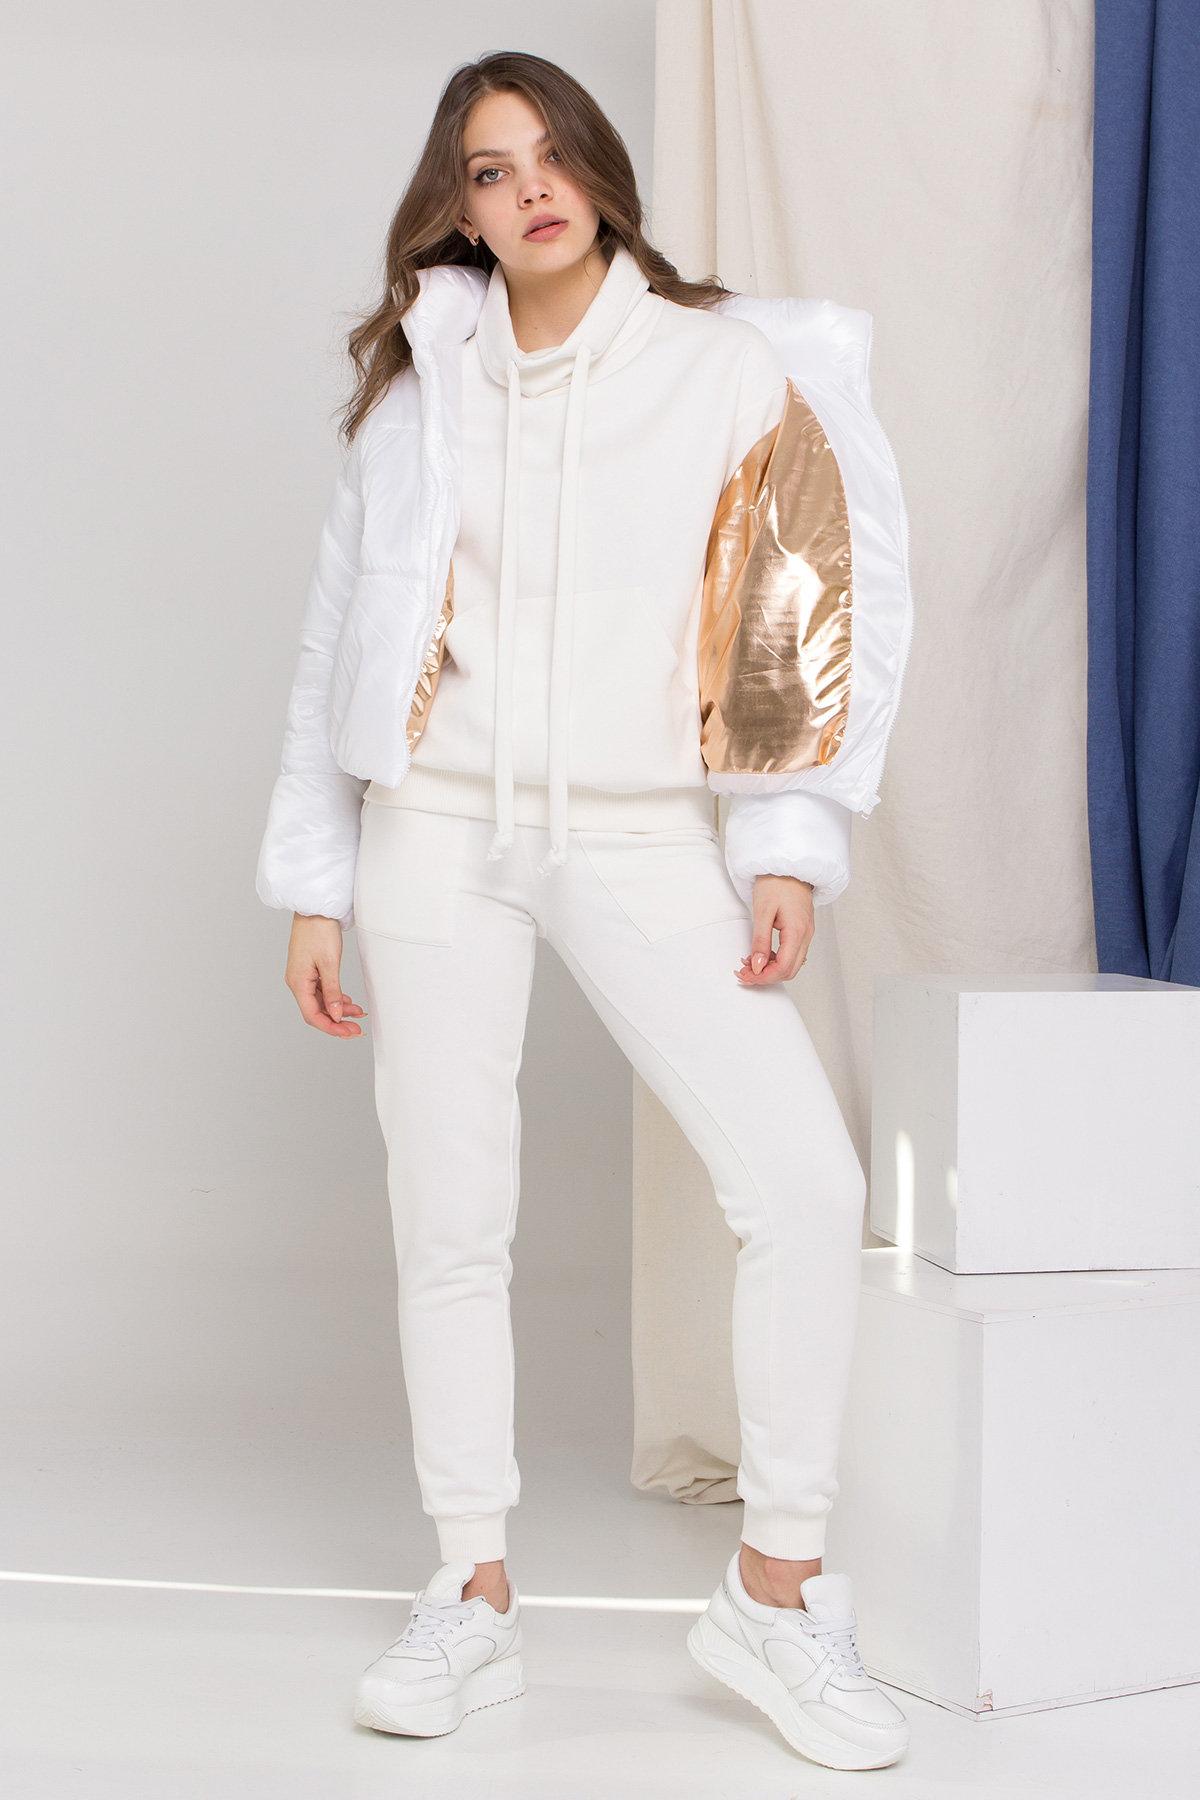 Куртка Драйв 8989 АРТ. 45295 Цвет: Белый - фото 1, интернет магазин tm-modus.ru